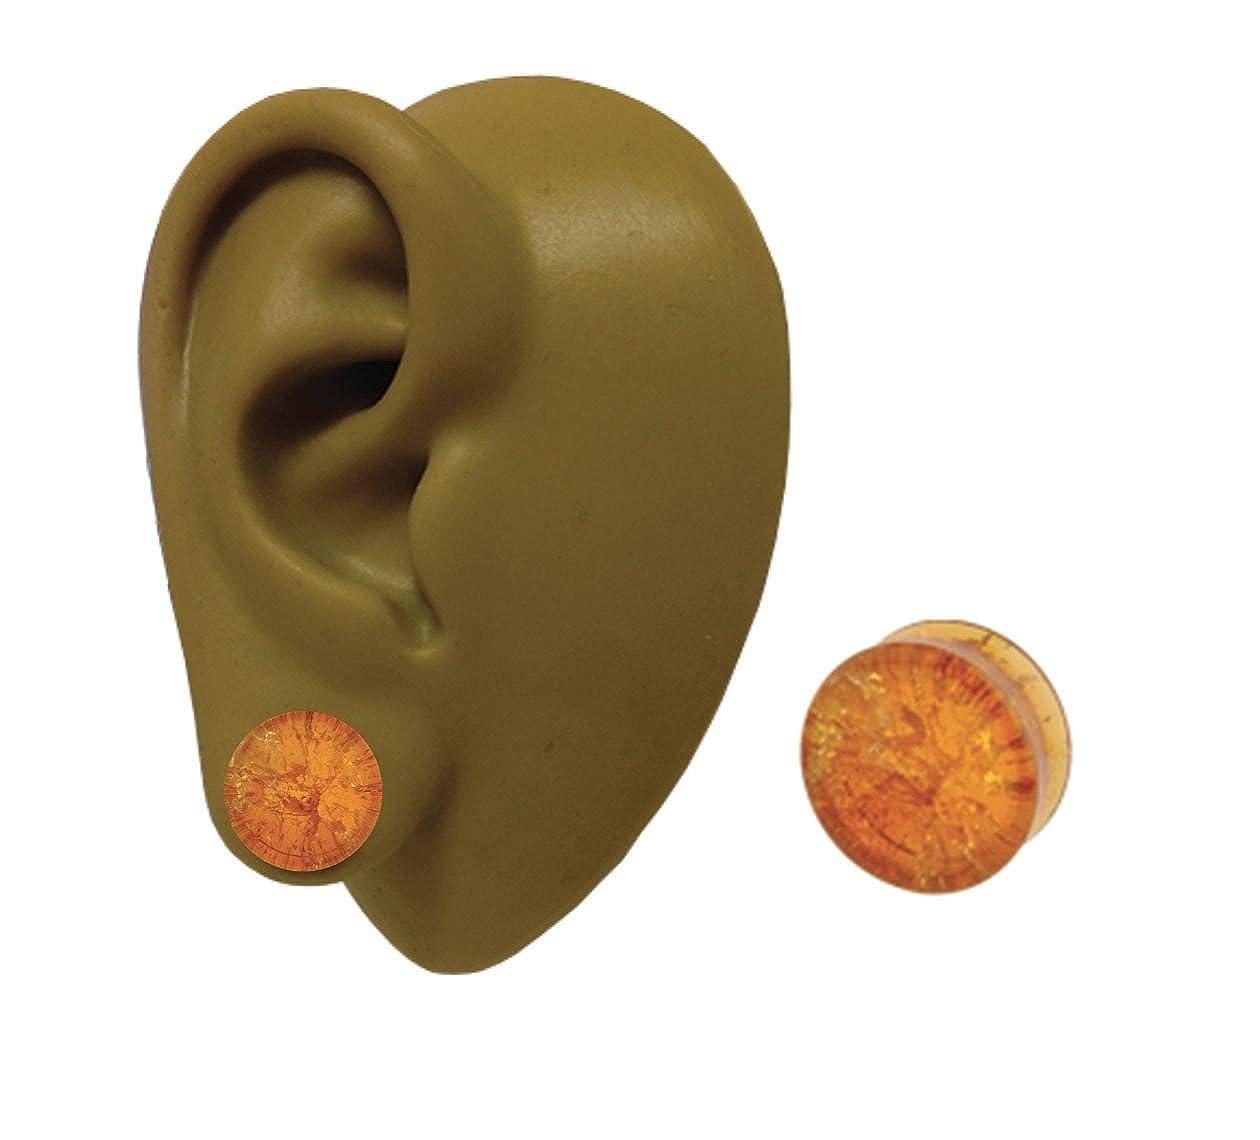 Una - 12 mm - 1,27 cm - ámbar Piedra Topacio del oído del enchufe doble llamarada orgánico del túnel de la carne del ensanchador del pendiente: Amazon.es: ...